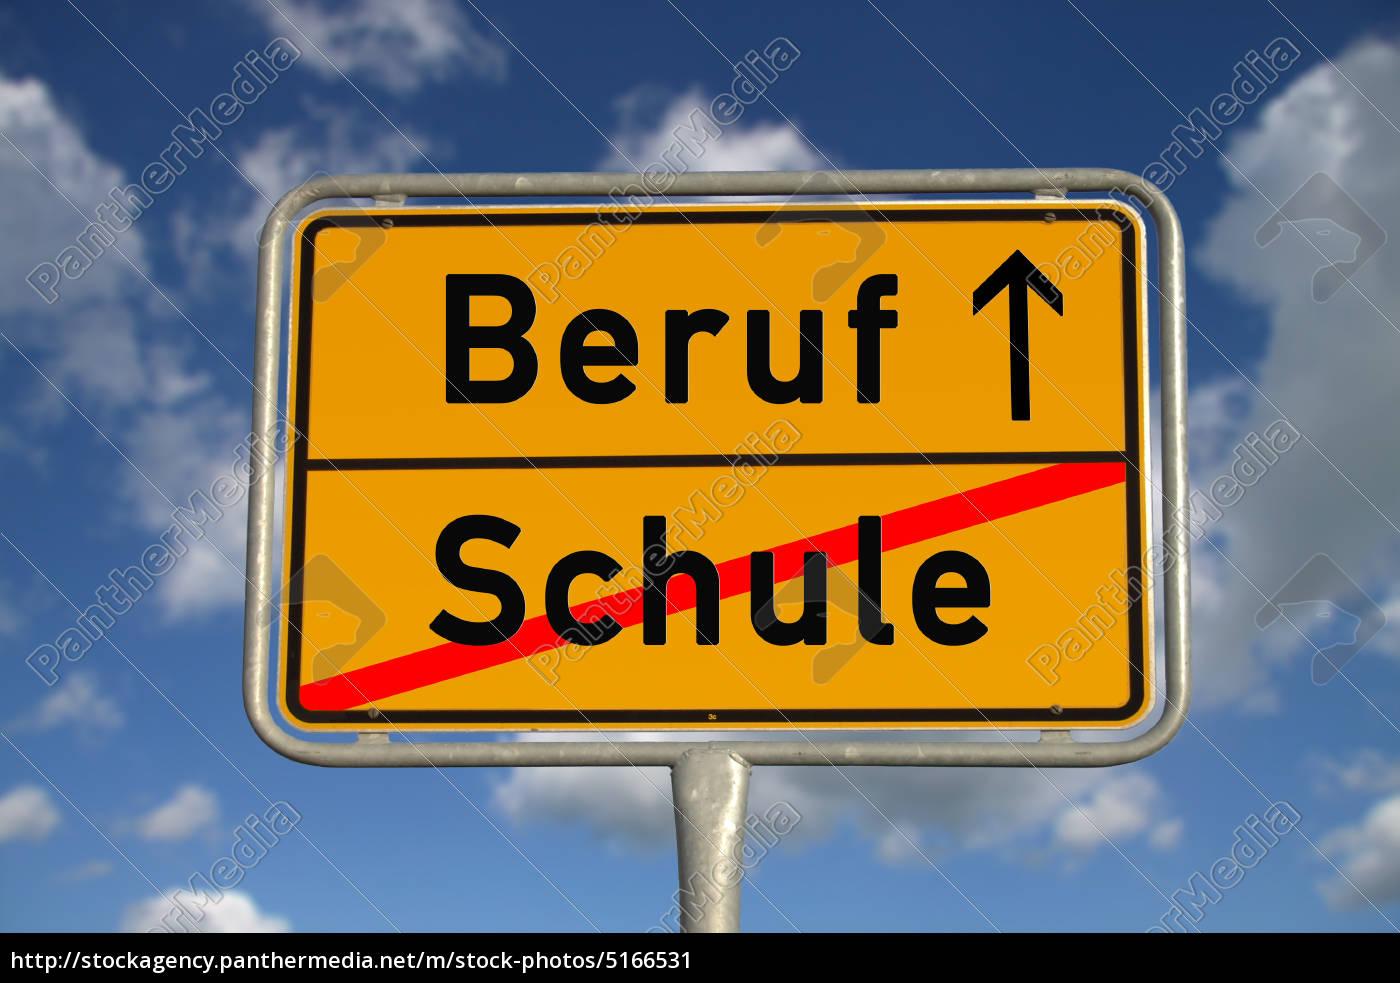 deutsches, ortsschild, schule, beruf - 5166531